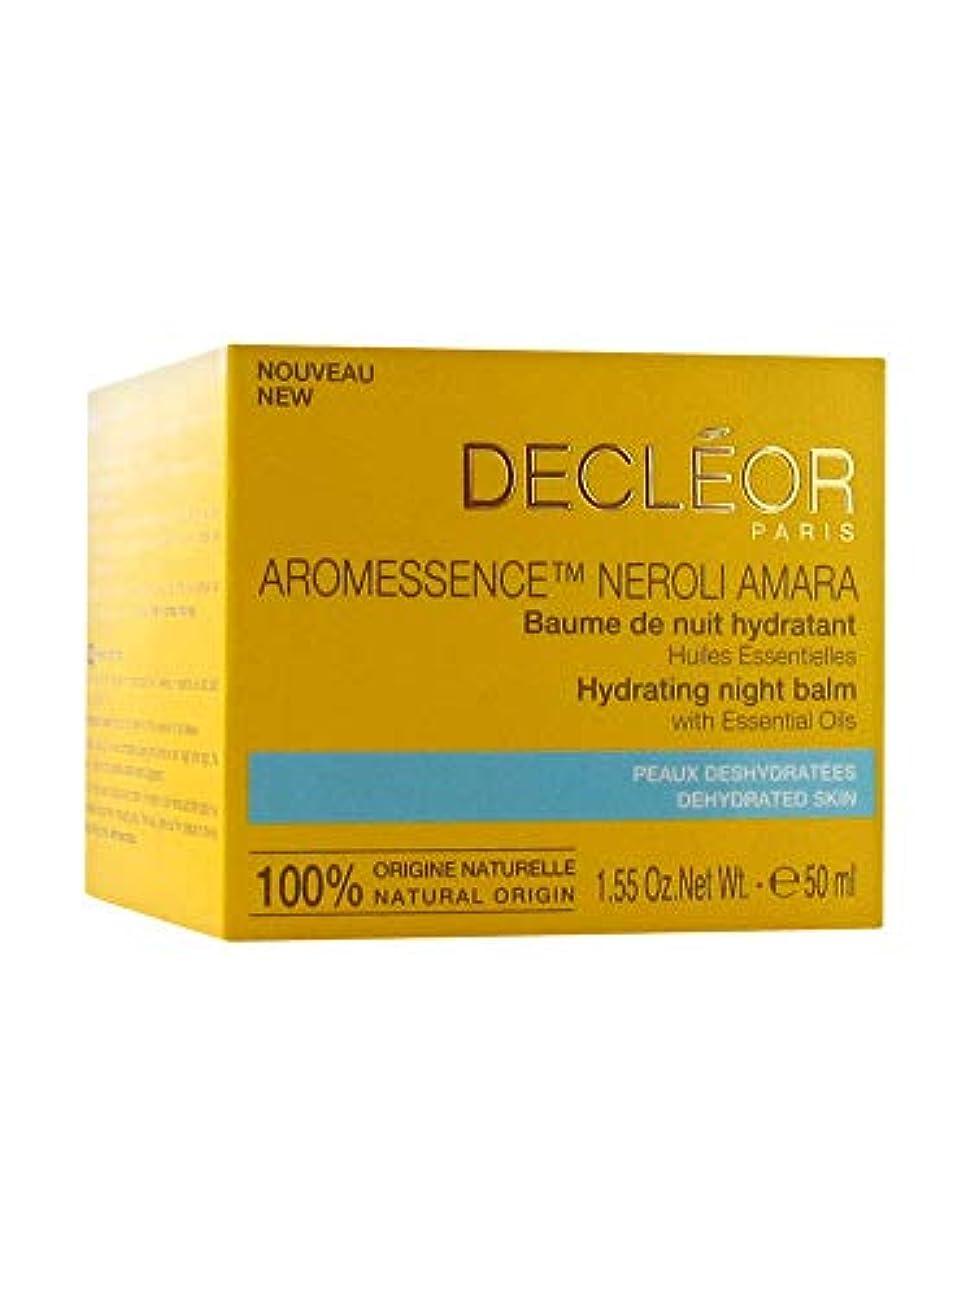 建物投票スライスデクレオール Aromessence Neroli Amara Hydrating Night Balm - For Dehydrated Skin 50ml/1.55oz並行輸入品